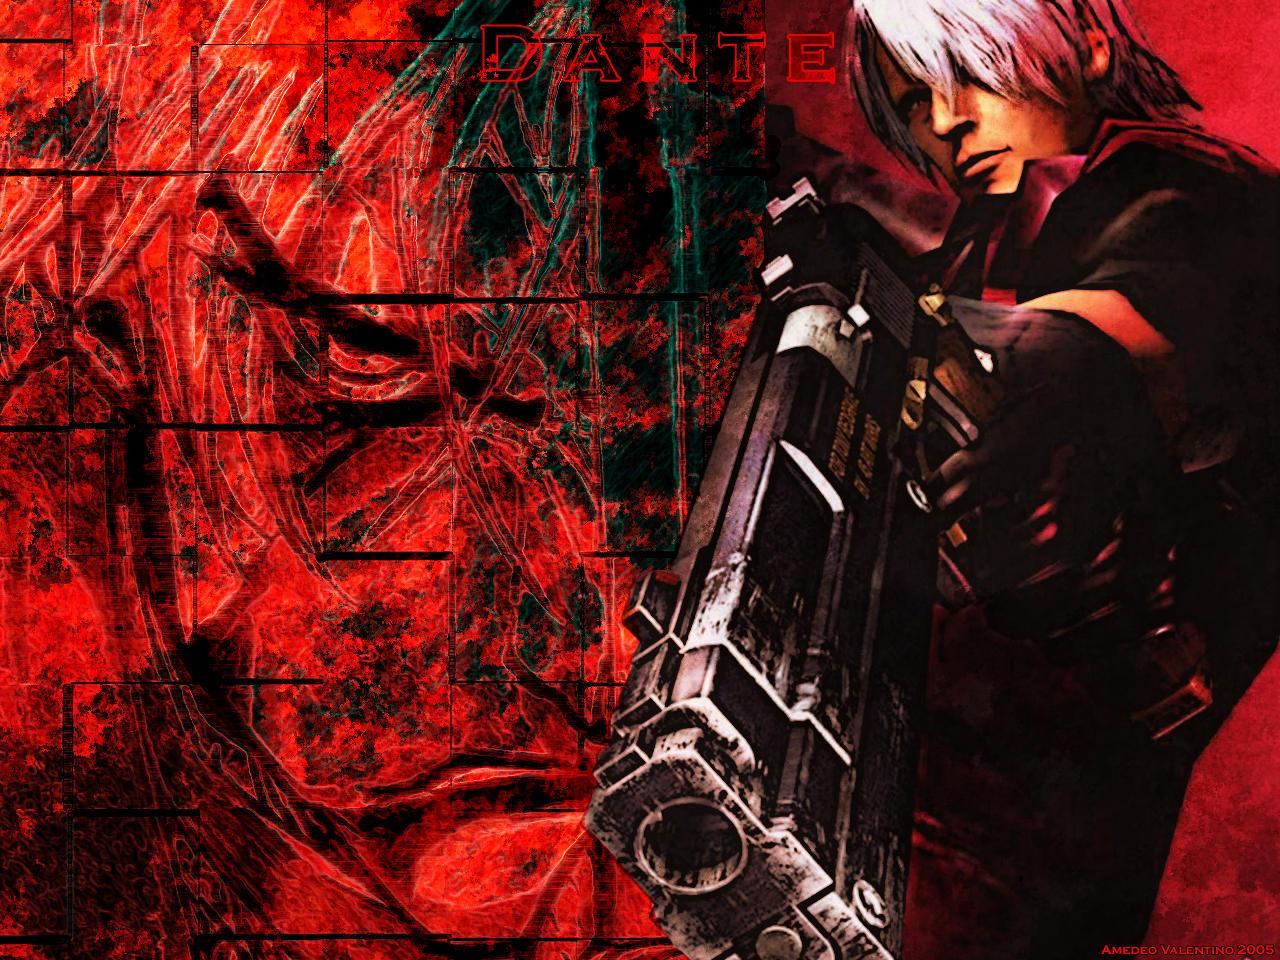 3d devil wallpaper